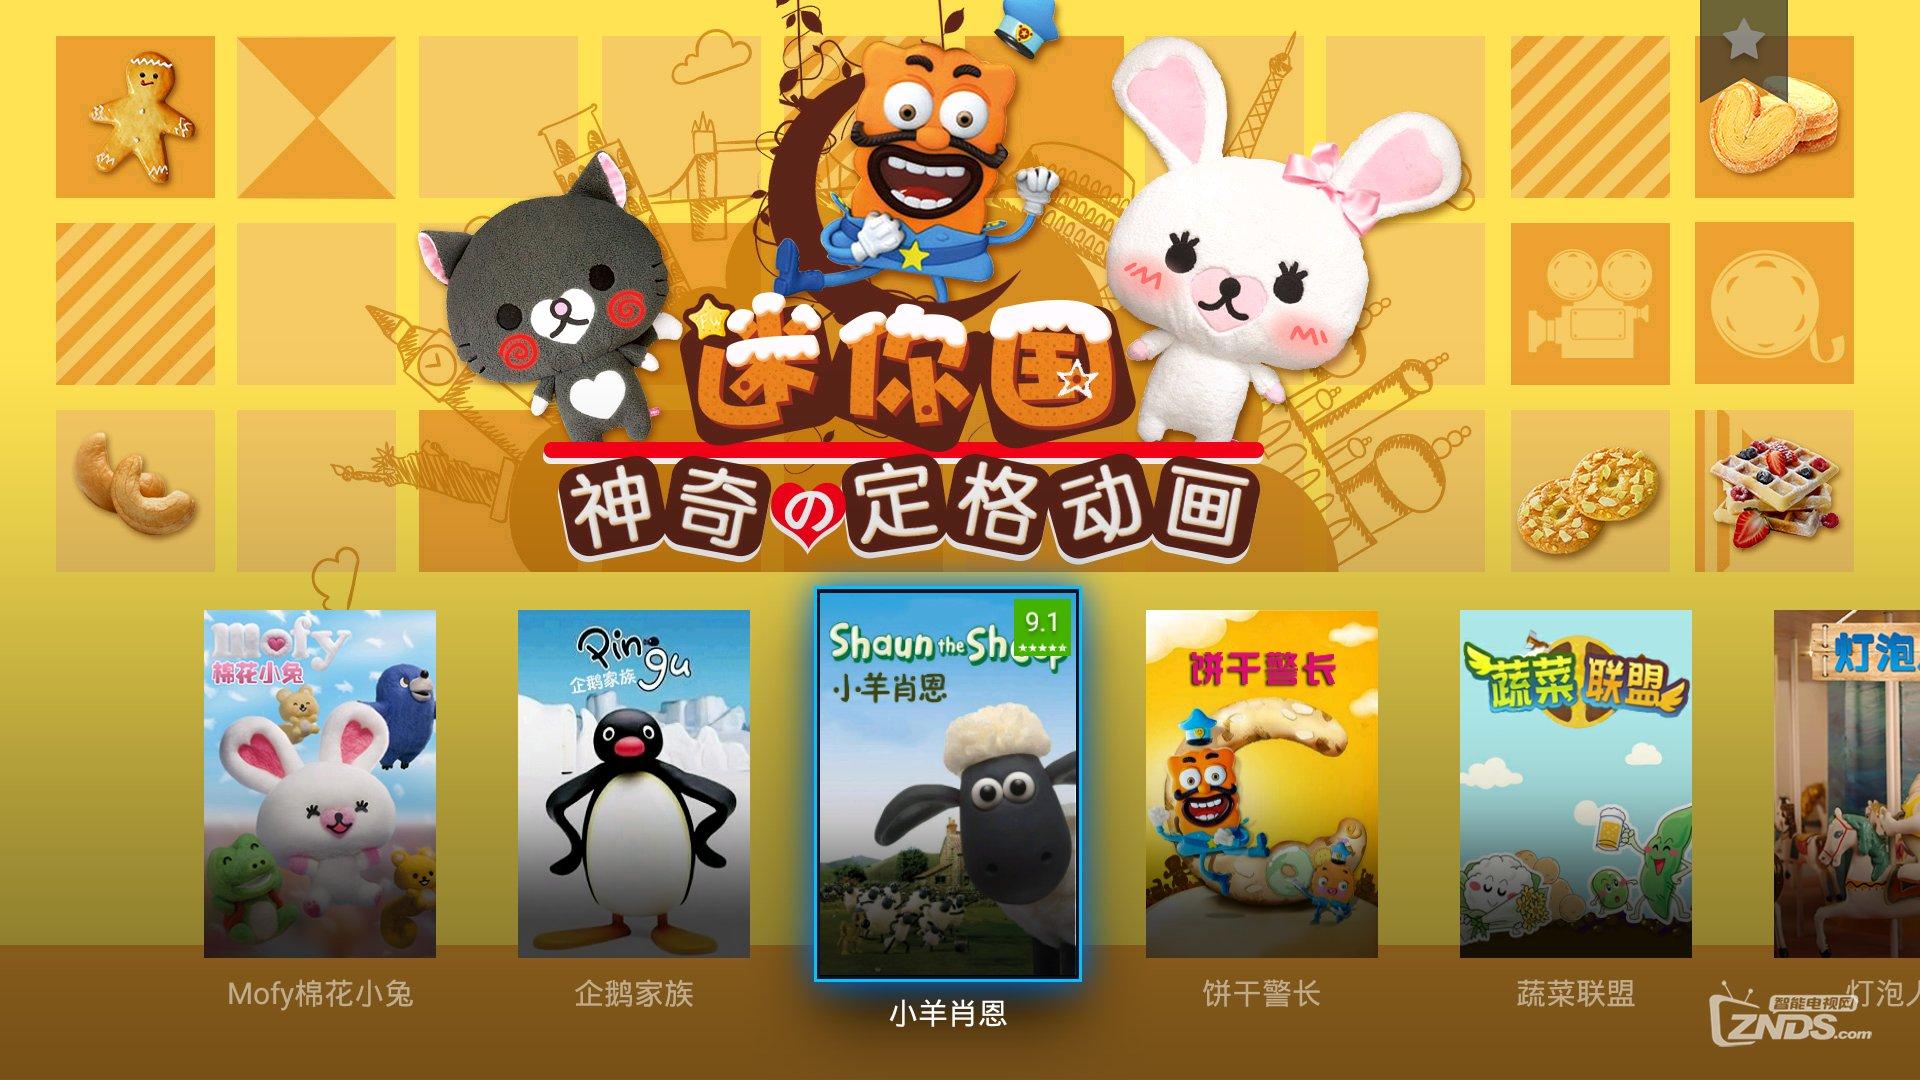 电视猫少儿频道超强亮点推荐 动画教学,潜移默化